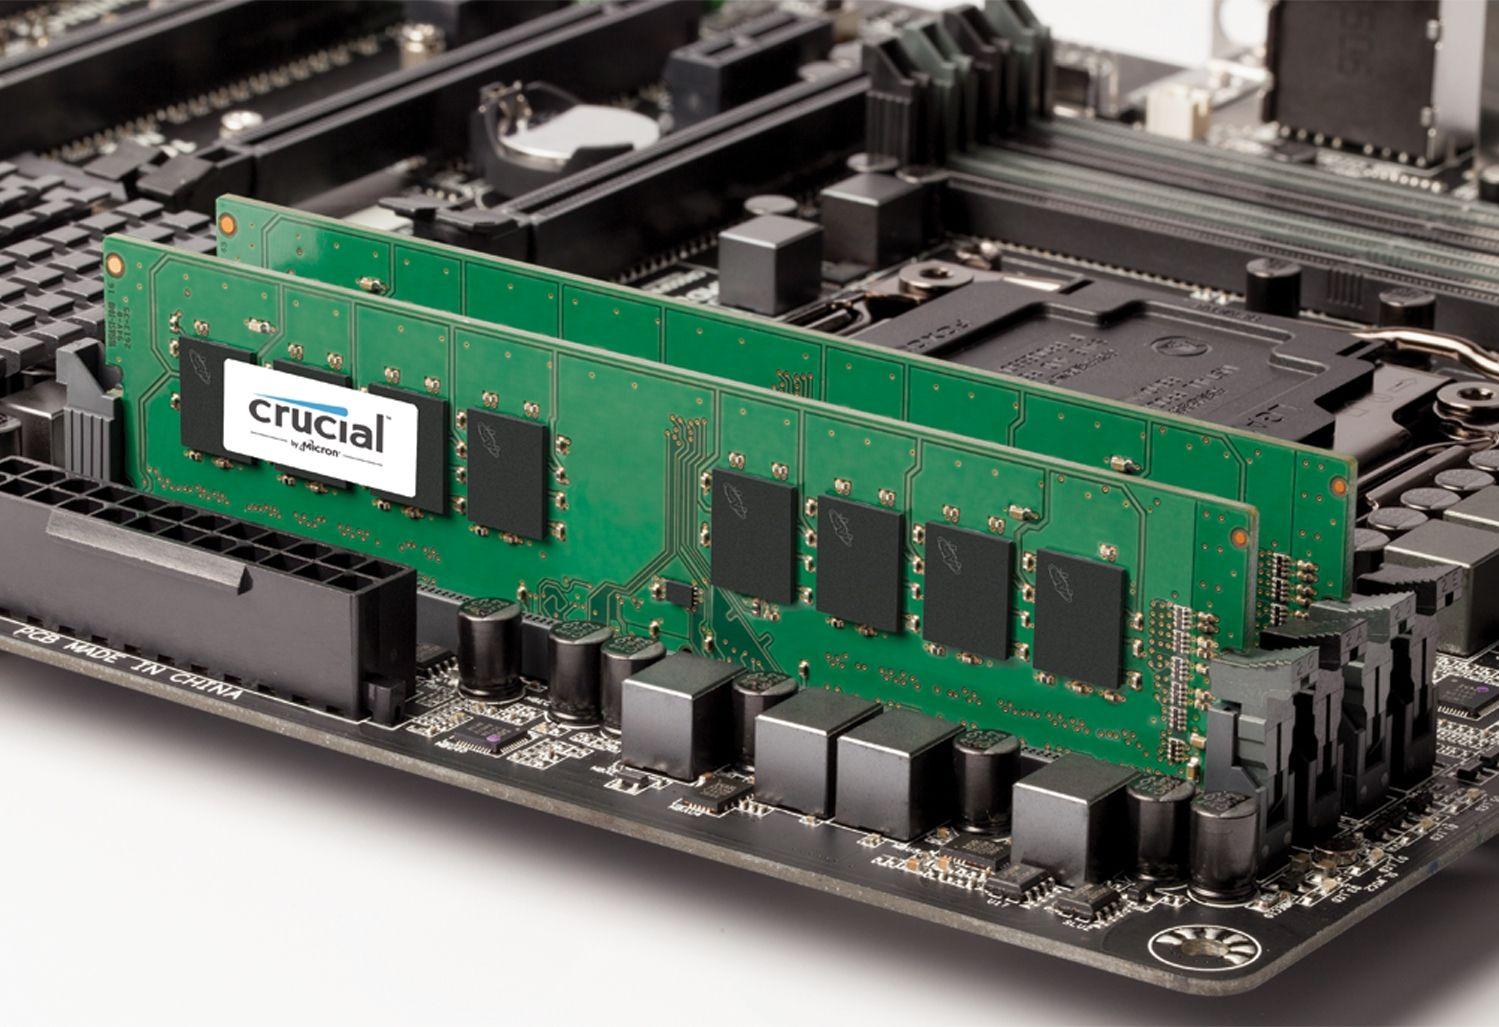 Un módulo de memoria RAM Crucial en una motherboard de computadora abierta para indicar como actualizar la memoria en una computadora antigua